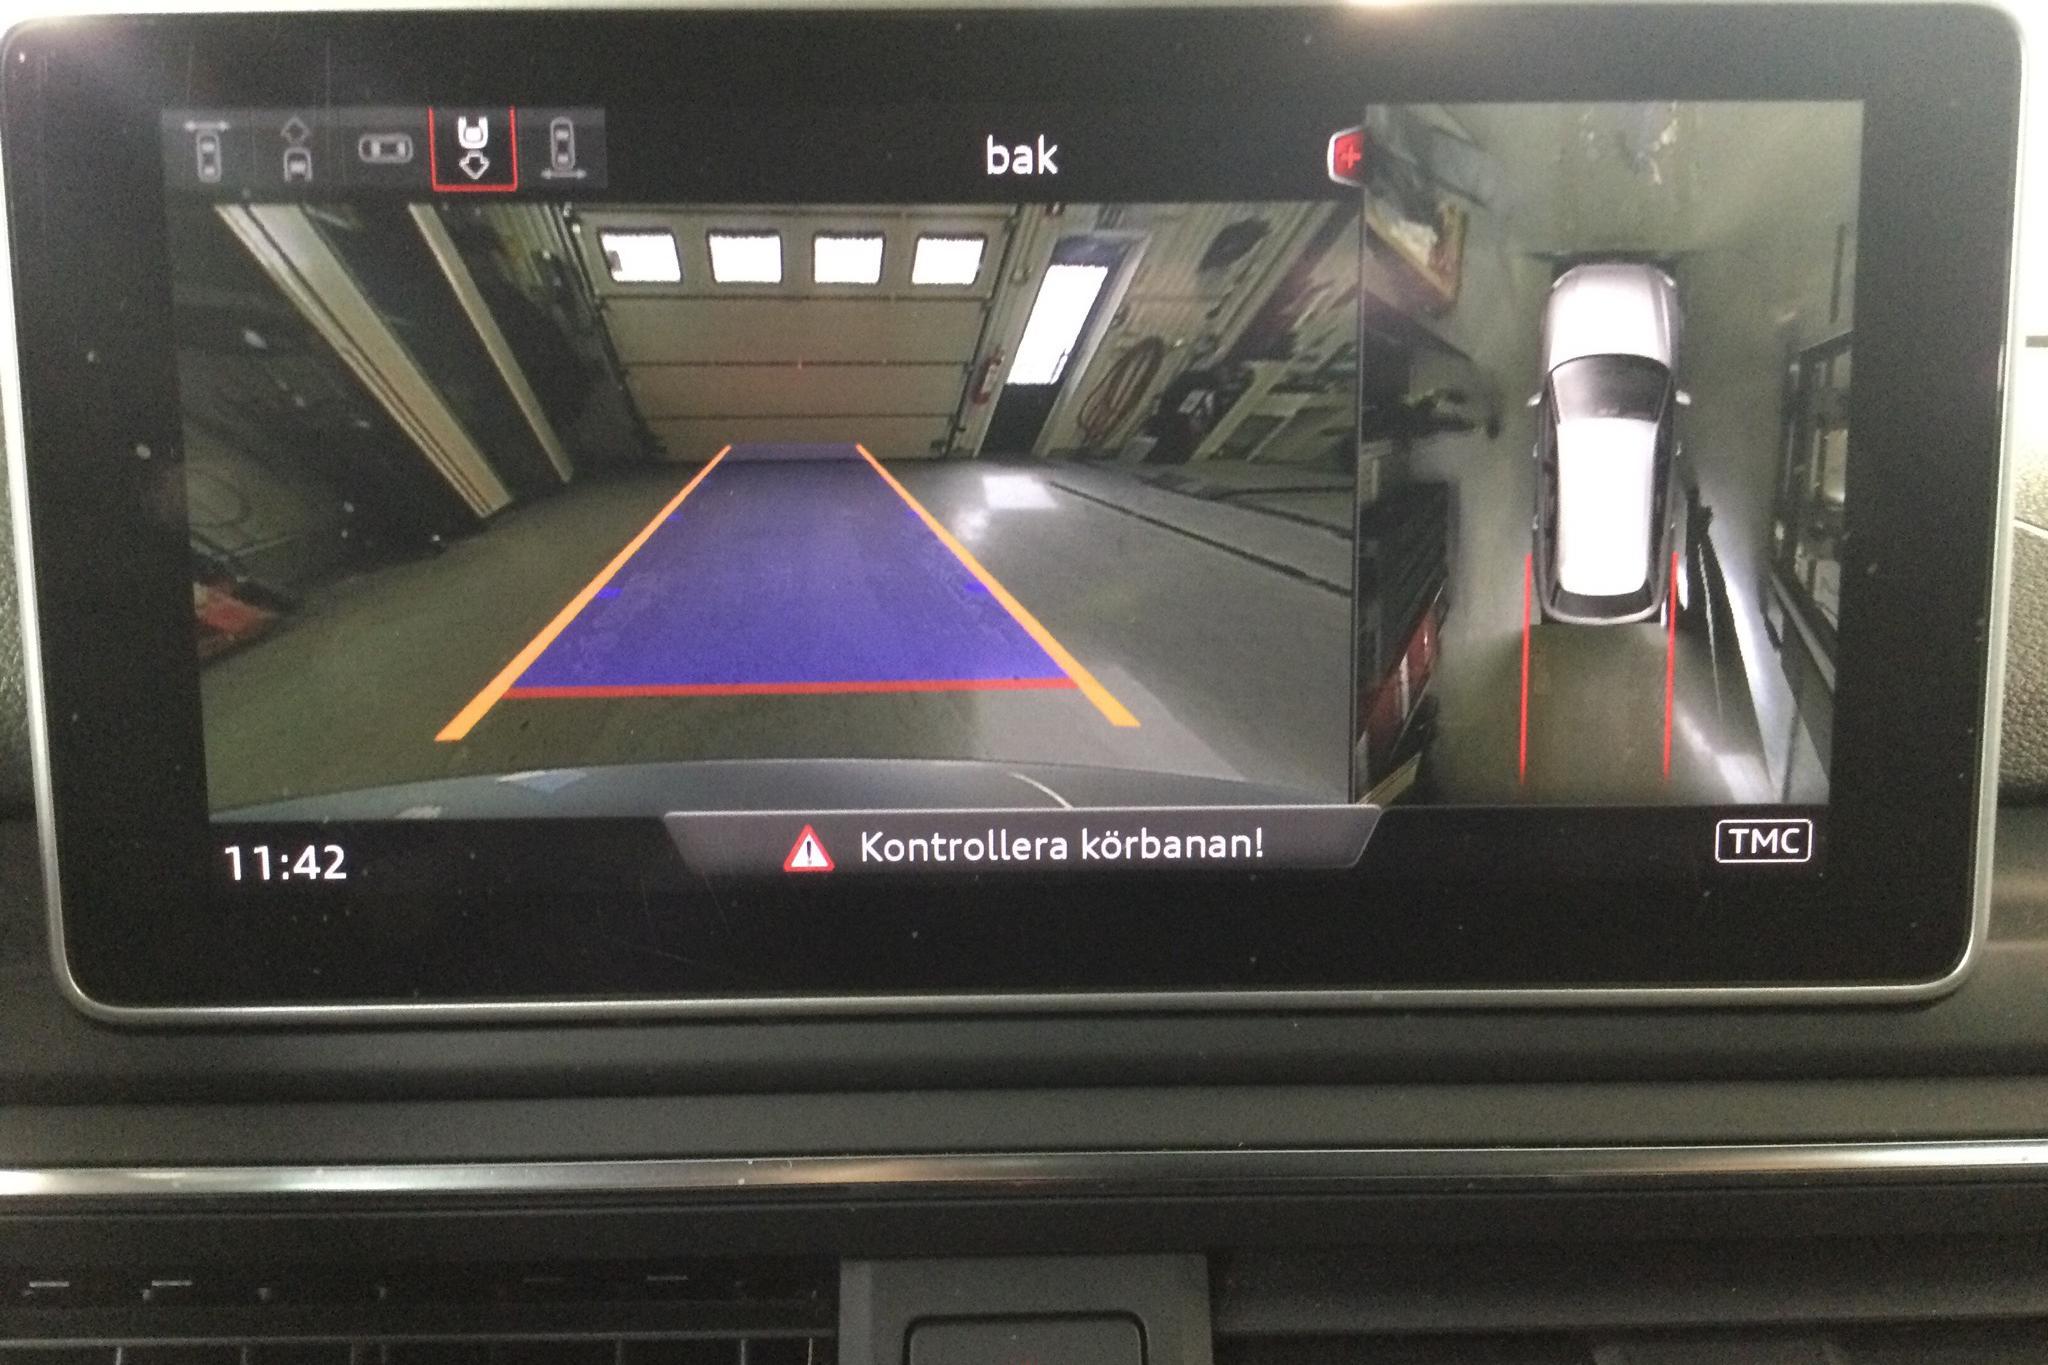 Audi A4 Allroad 3.0 TDI quattro (218hk) - 14 795 mil - Automat - silver - 2017